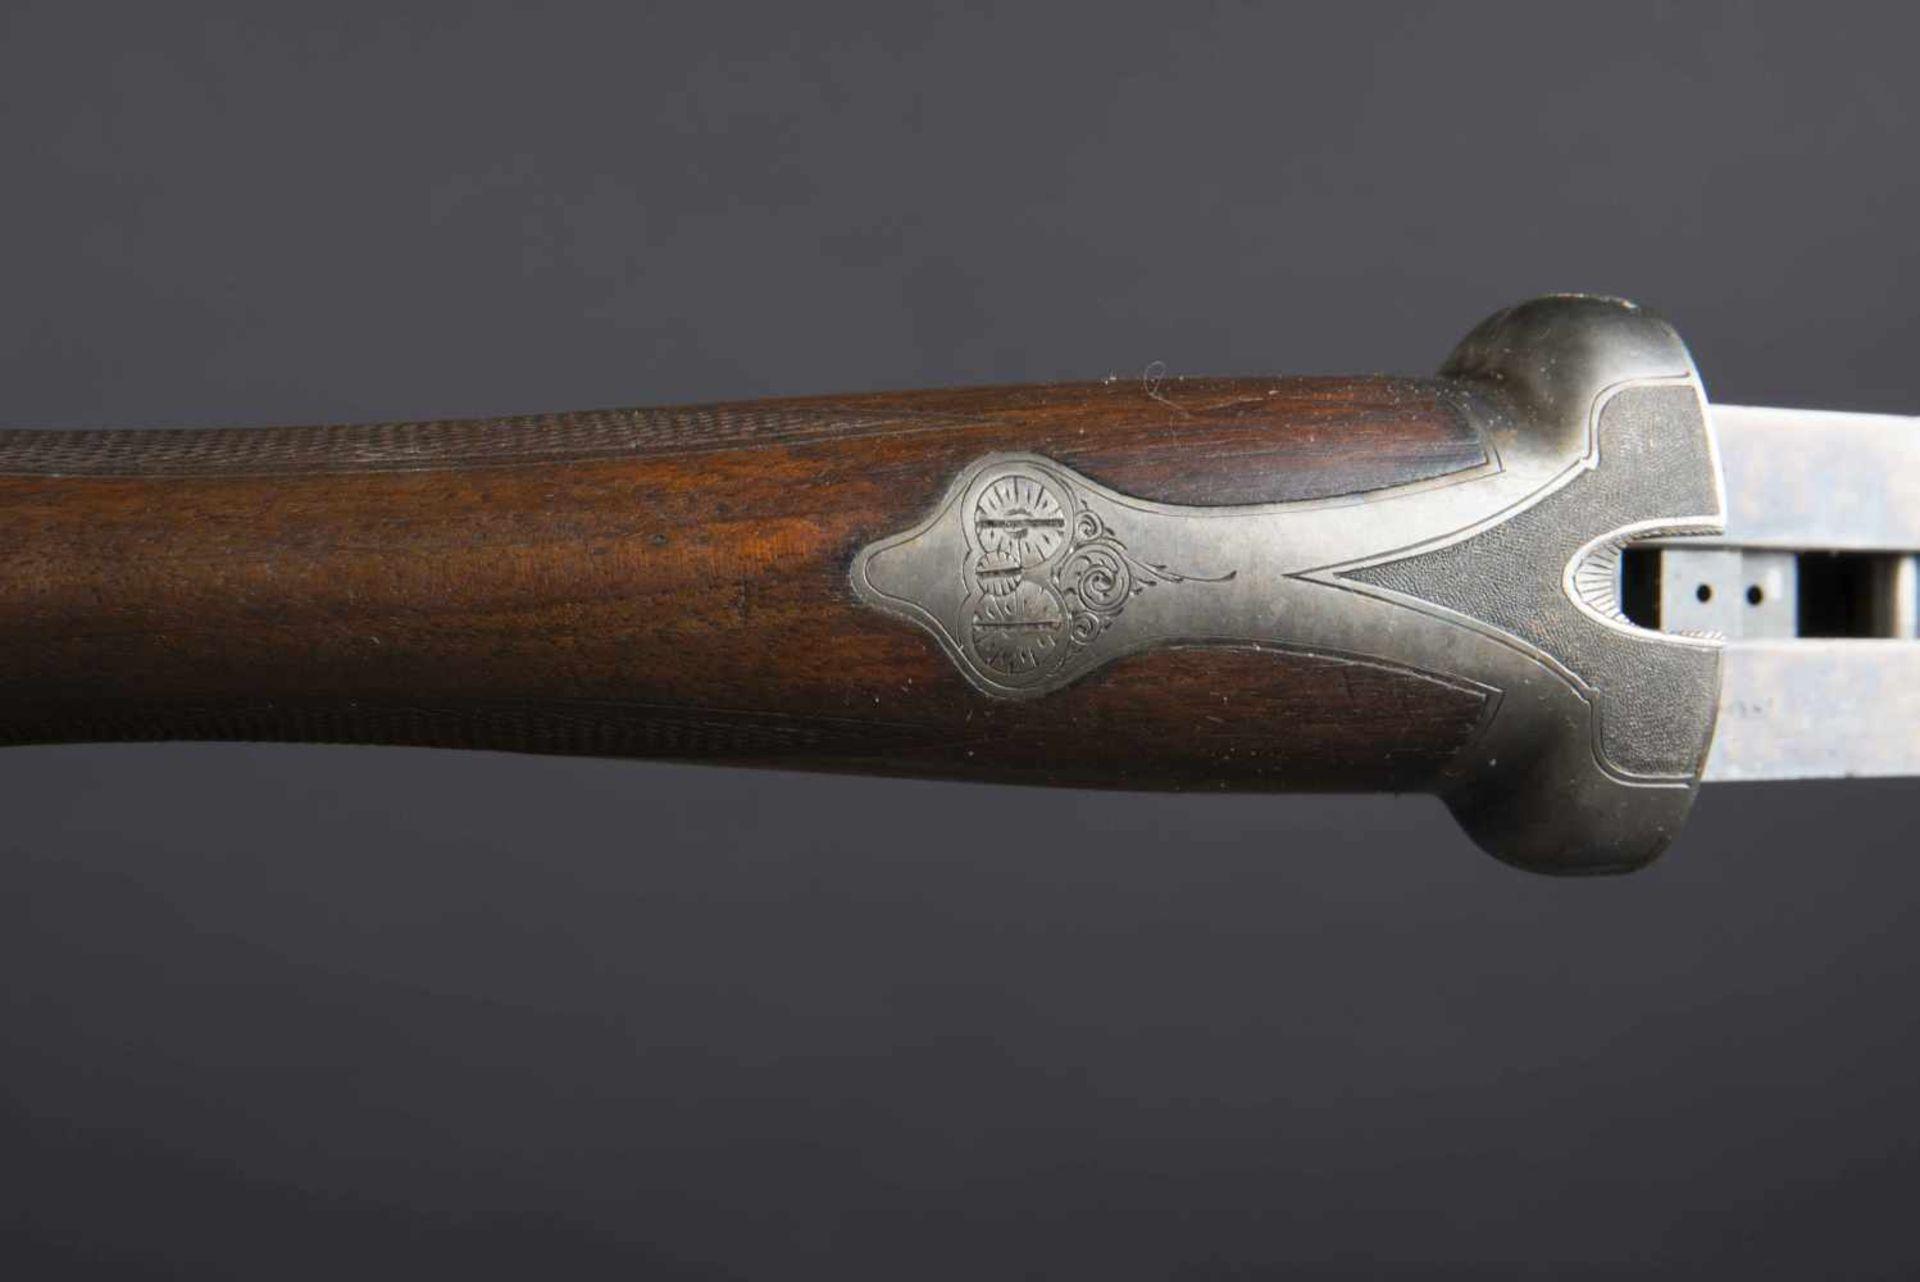 Fusil Robust Ideal Catégorie C Numéro 268. Etiquette présente dans la housse en cuir. Calibre 12. - Bild 4 aus 4